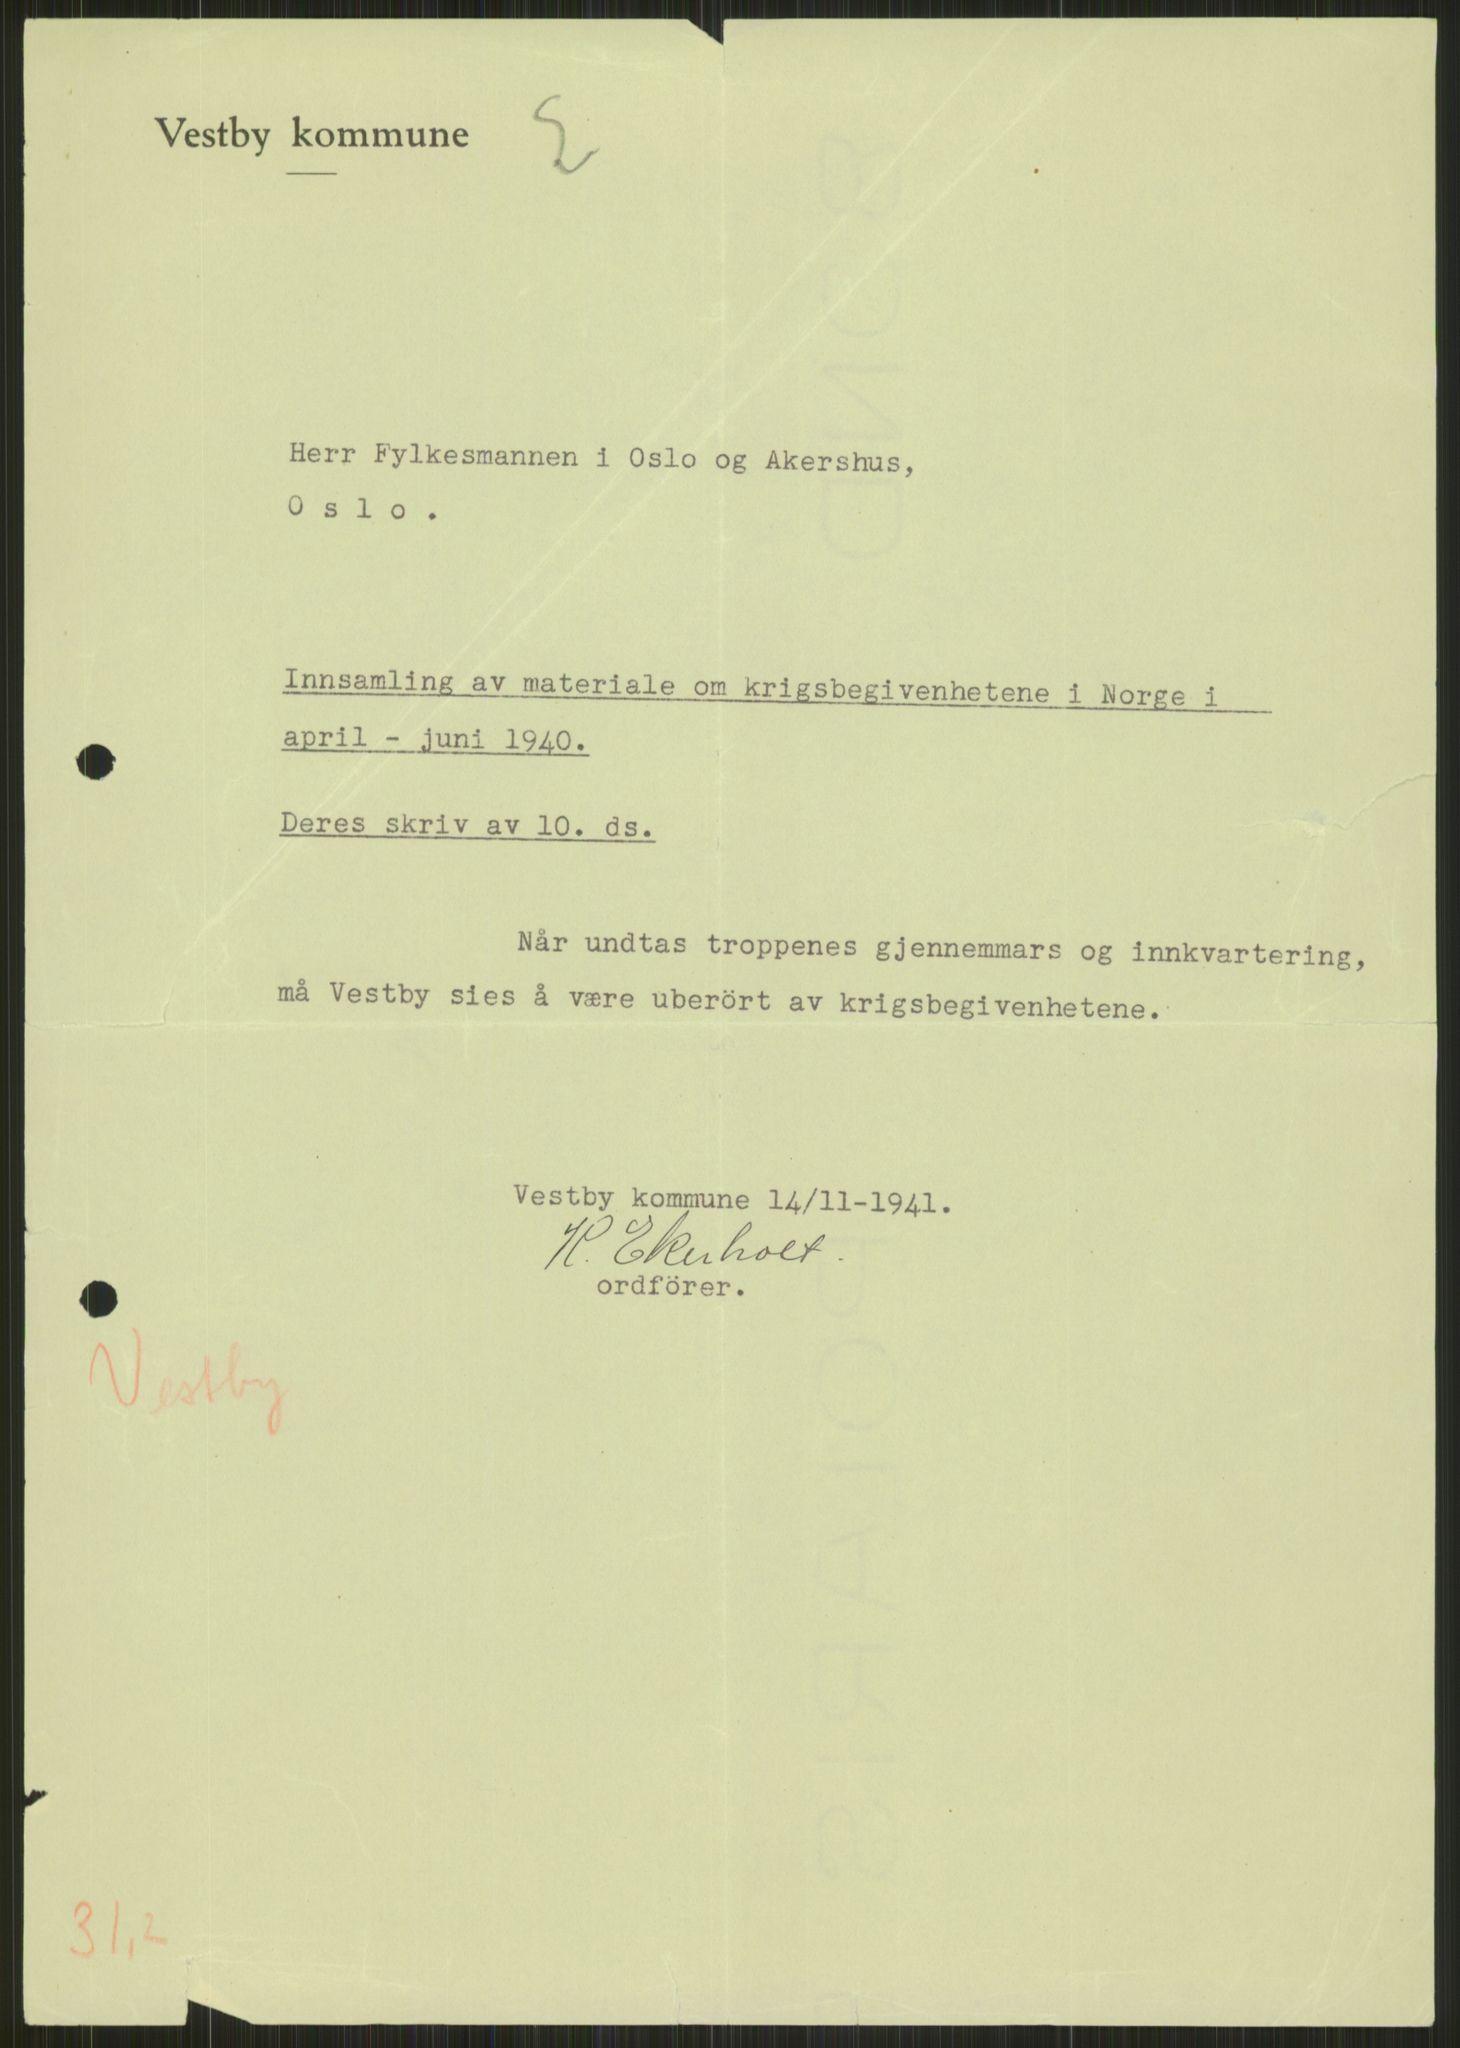 RA, Forsvaret, Forsvarets krigshistoriske avdeling, Y/Ya/L0013: II-C-11-31 - Fylkesmenn.  Rapporter om krigsbegivenhetene 1940., 1940, s. 843